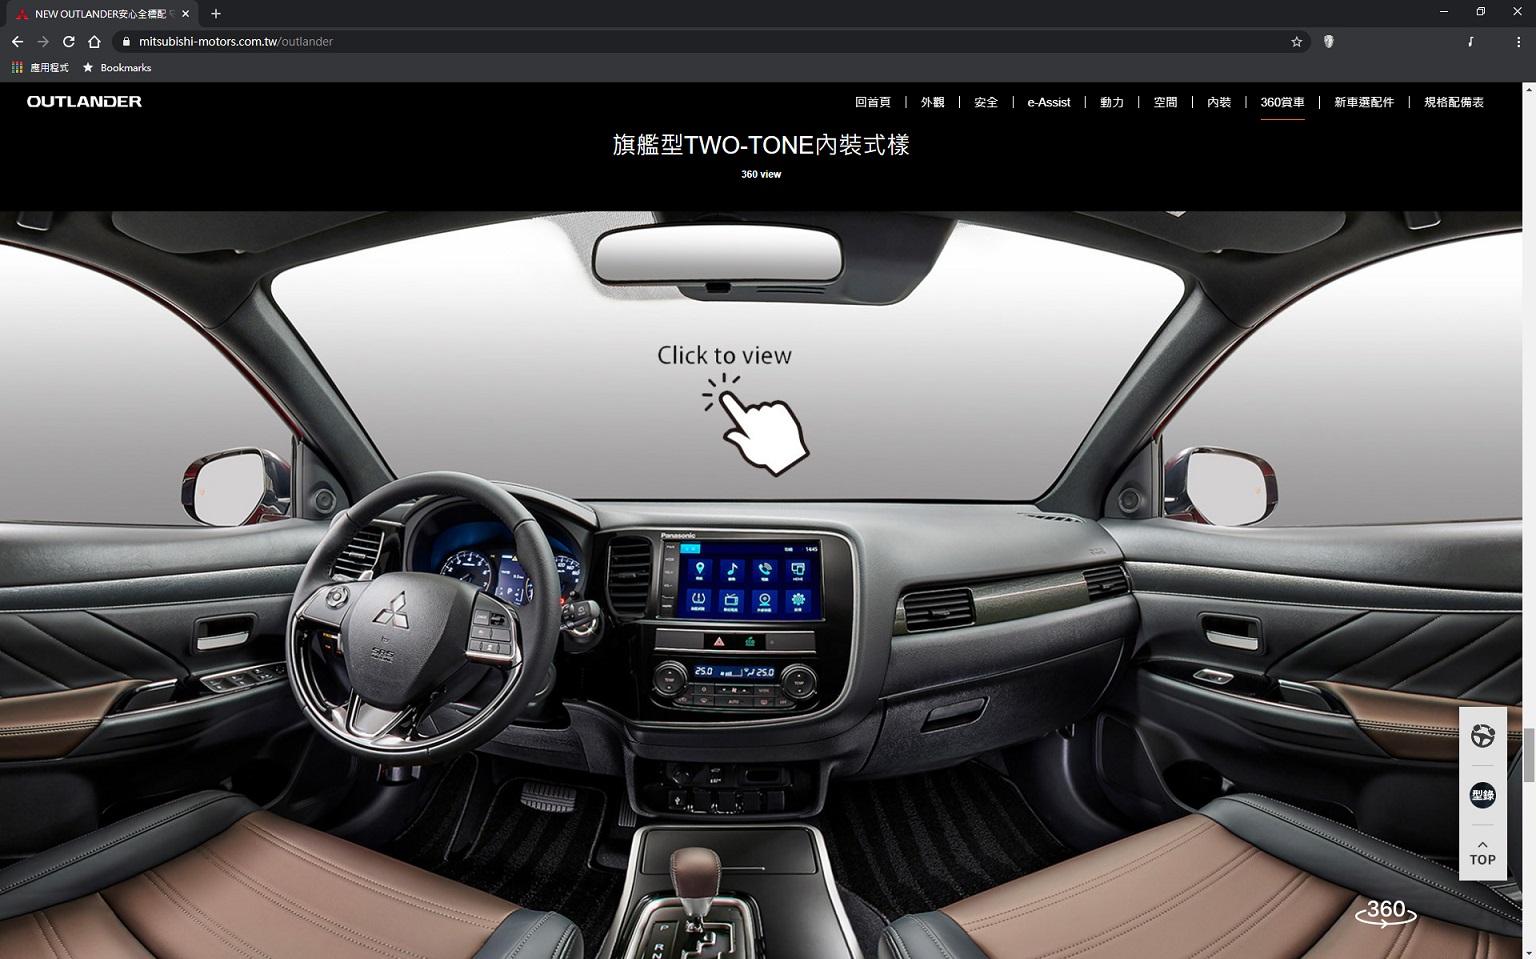 中華三菱提供 360 度賞車。